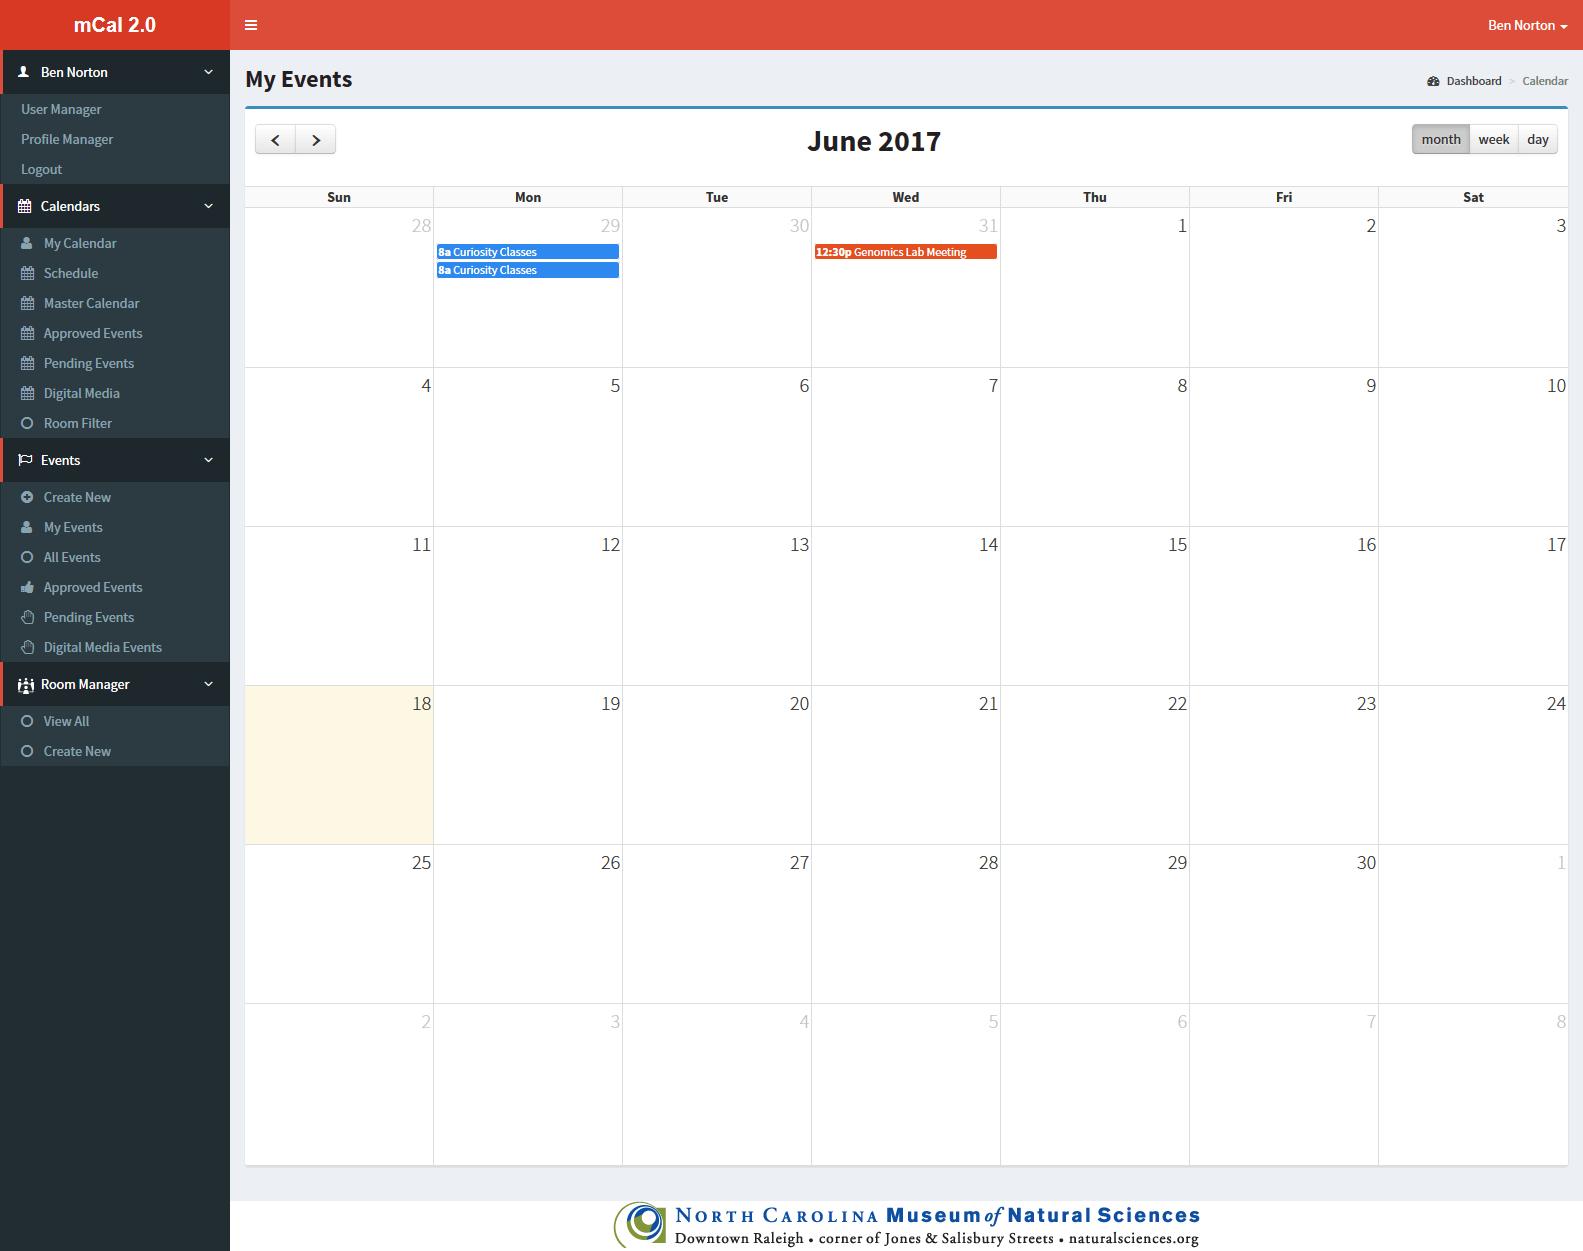 mCal Screenshot - Main Calendar View